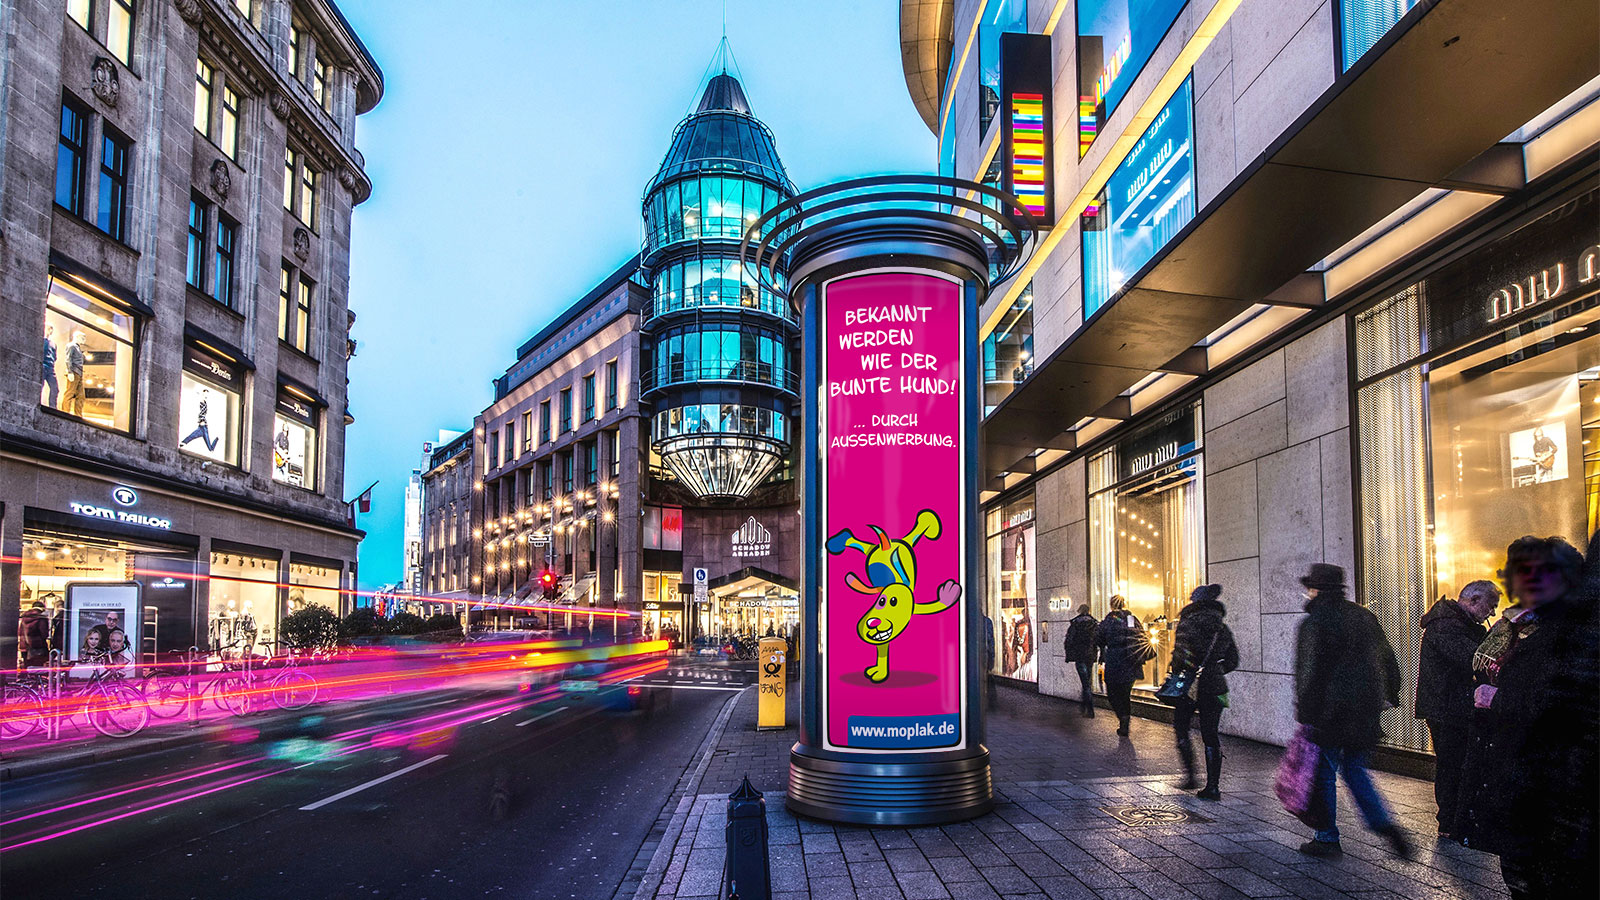 Hamburg-Aussenwerbung-Litfasssaeule-Werbung